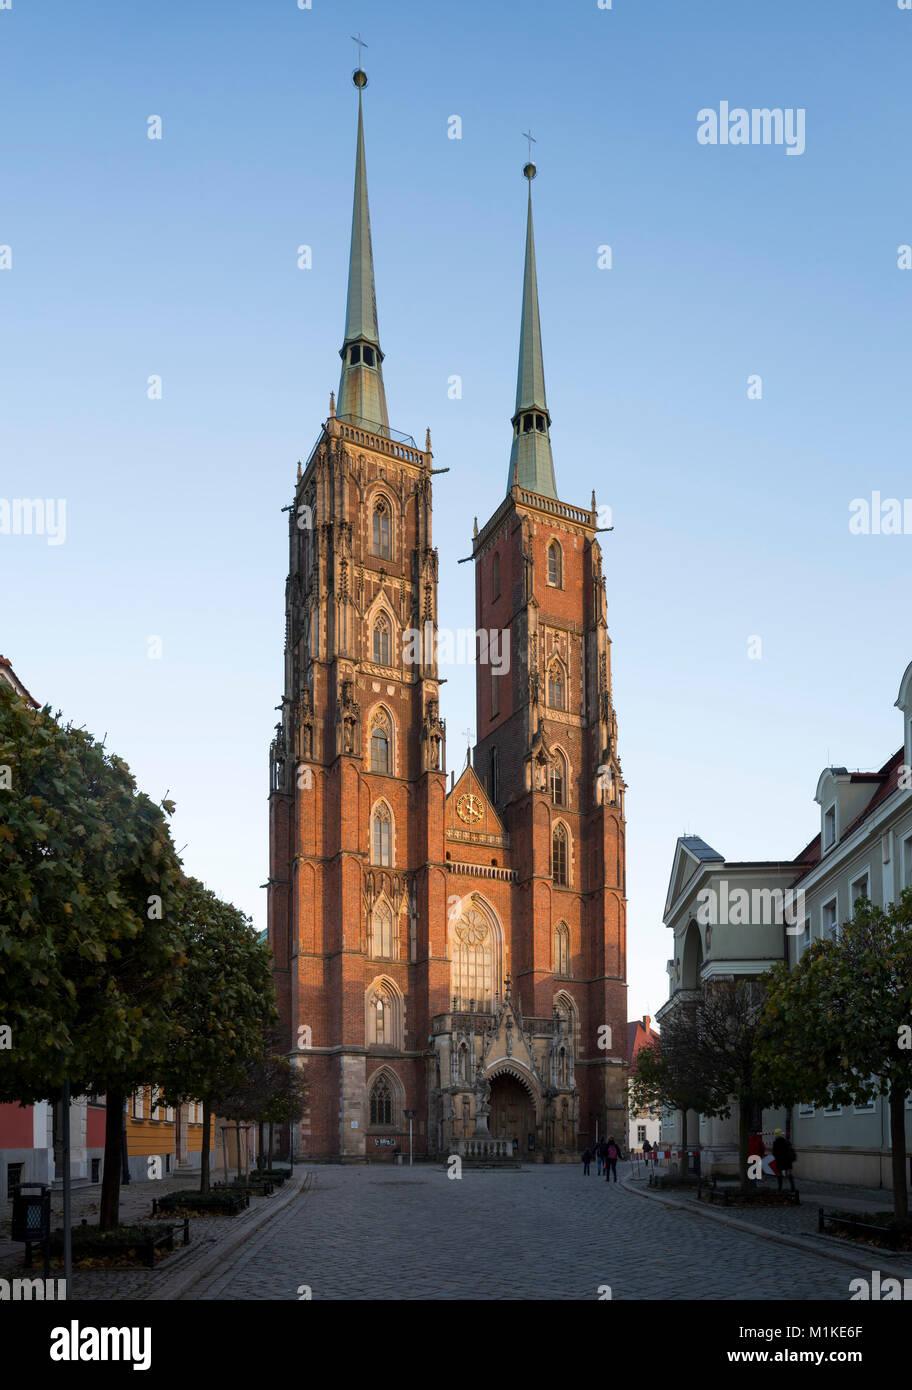 Wroclaw Breslau, Dom, Kathedrale St. Johannes der Täufer, Blick von Westen - Stock Image